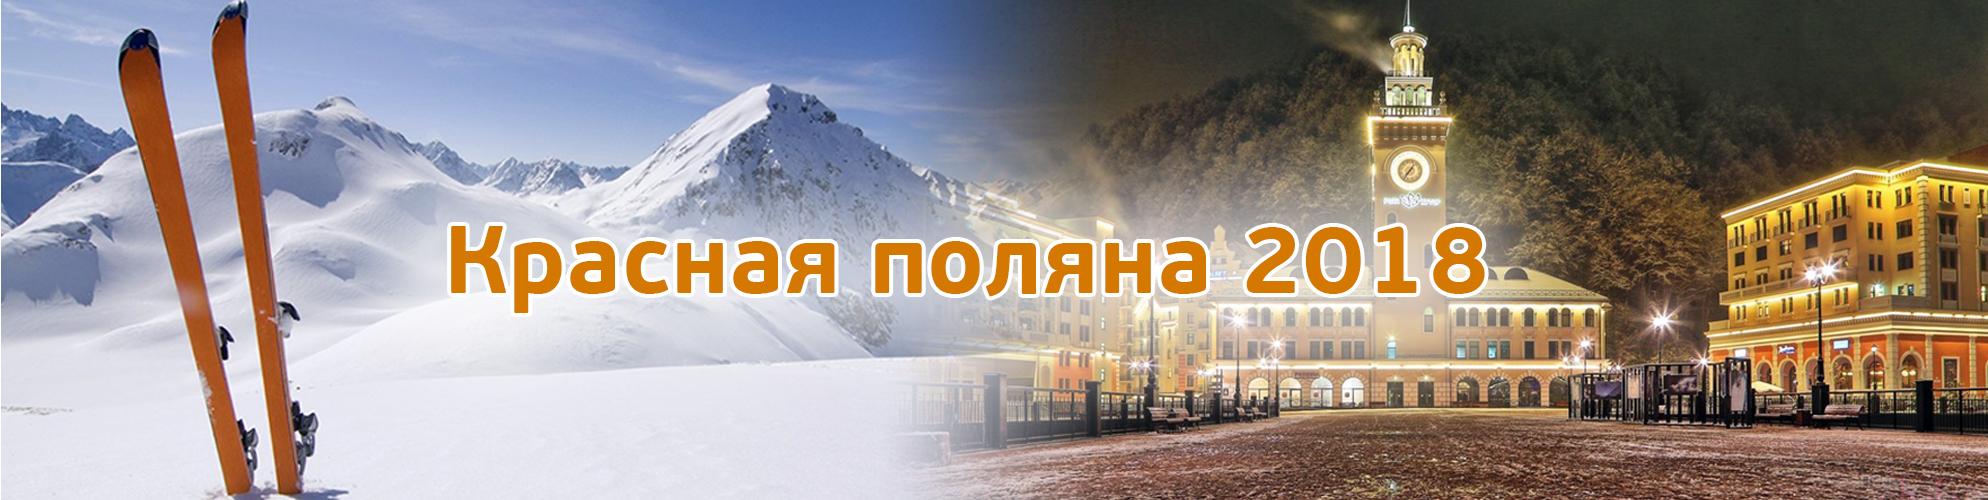 krasnaya-polyana-sochi